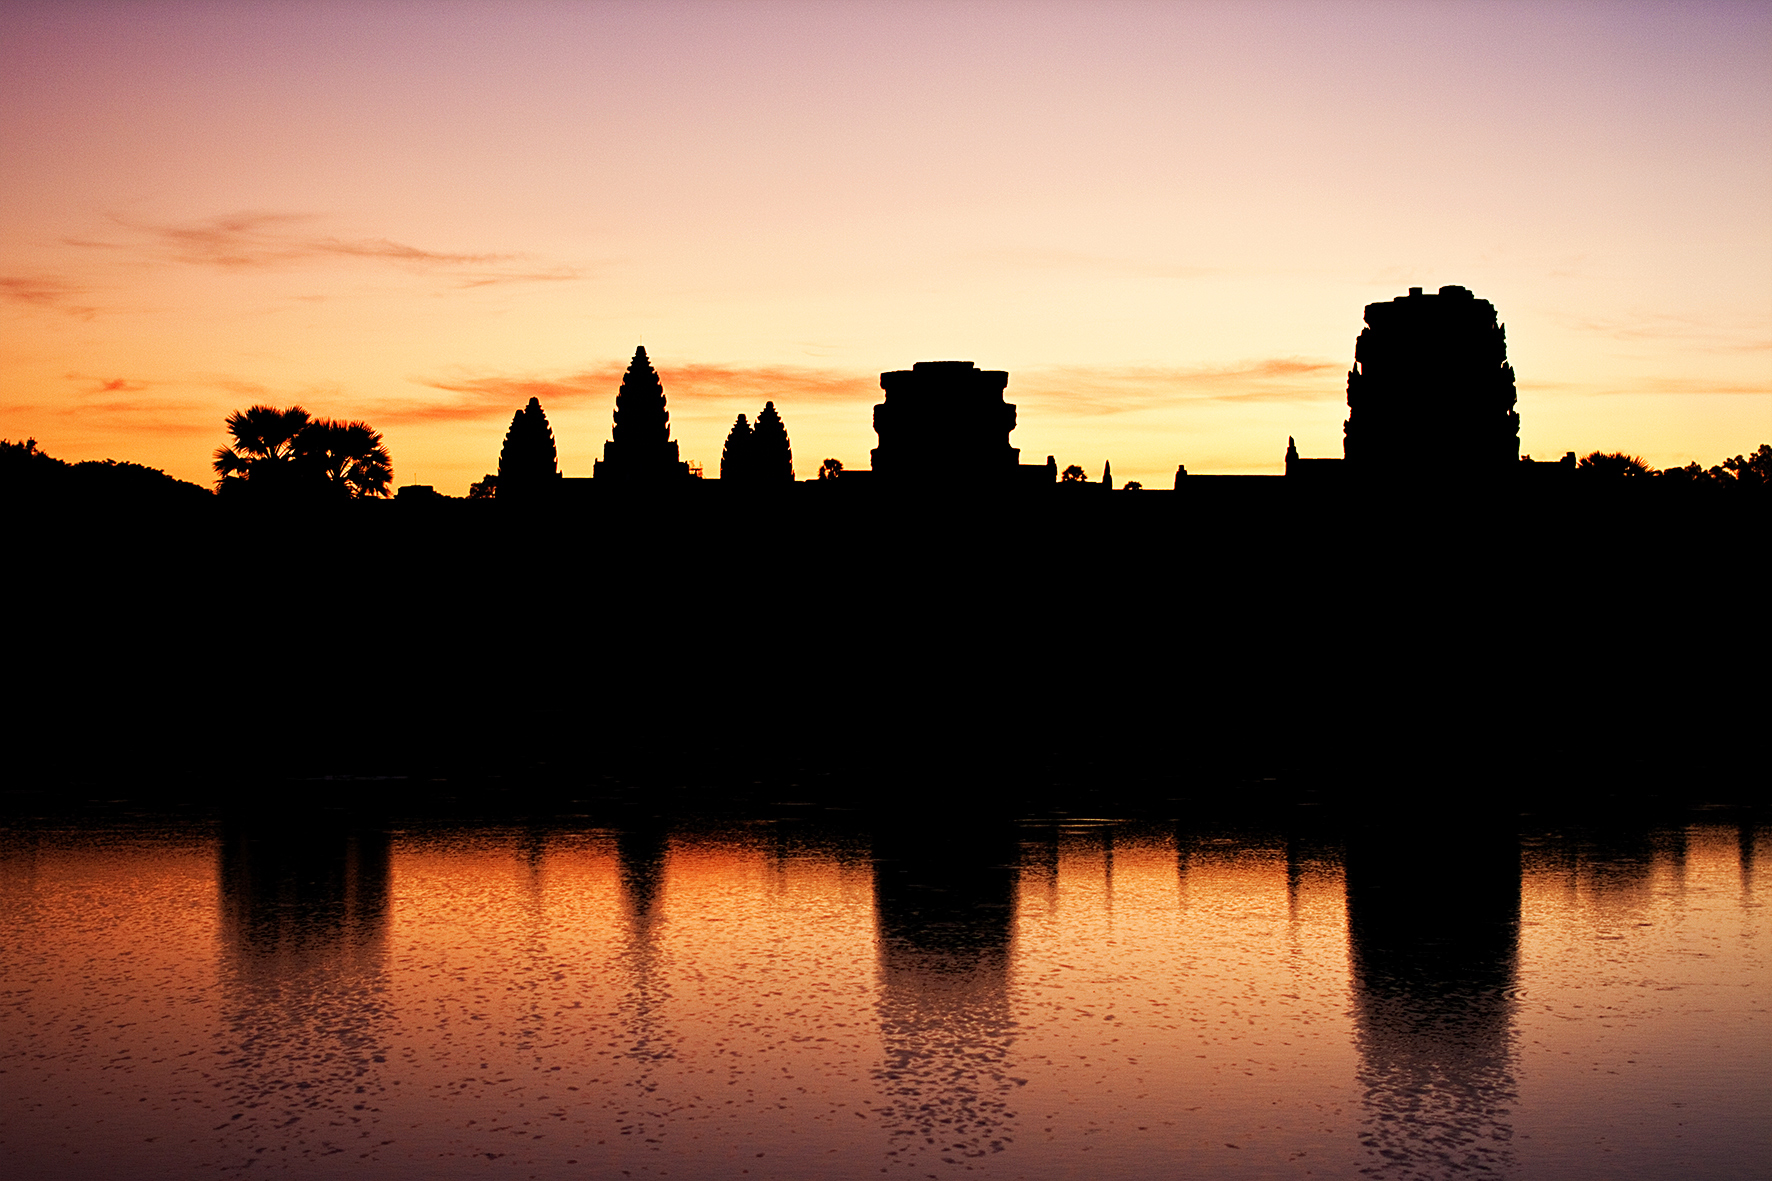 Cambodge, Angkor. 2009